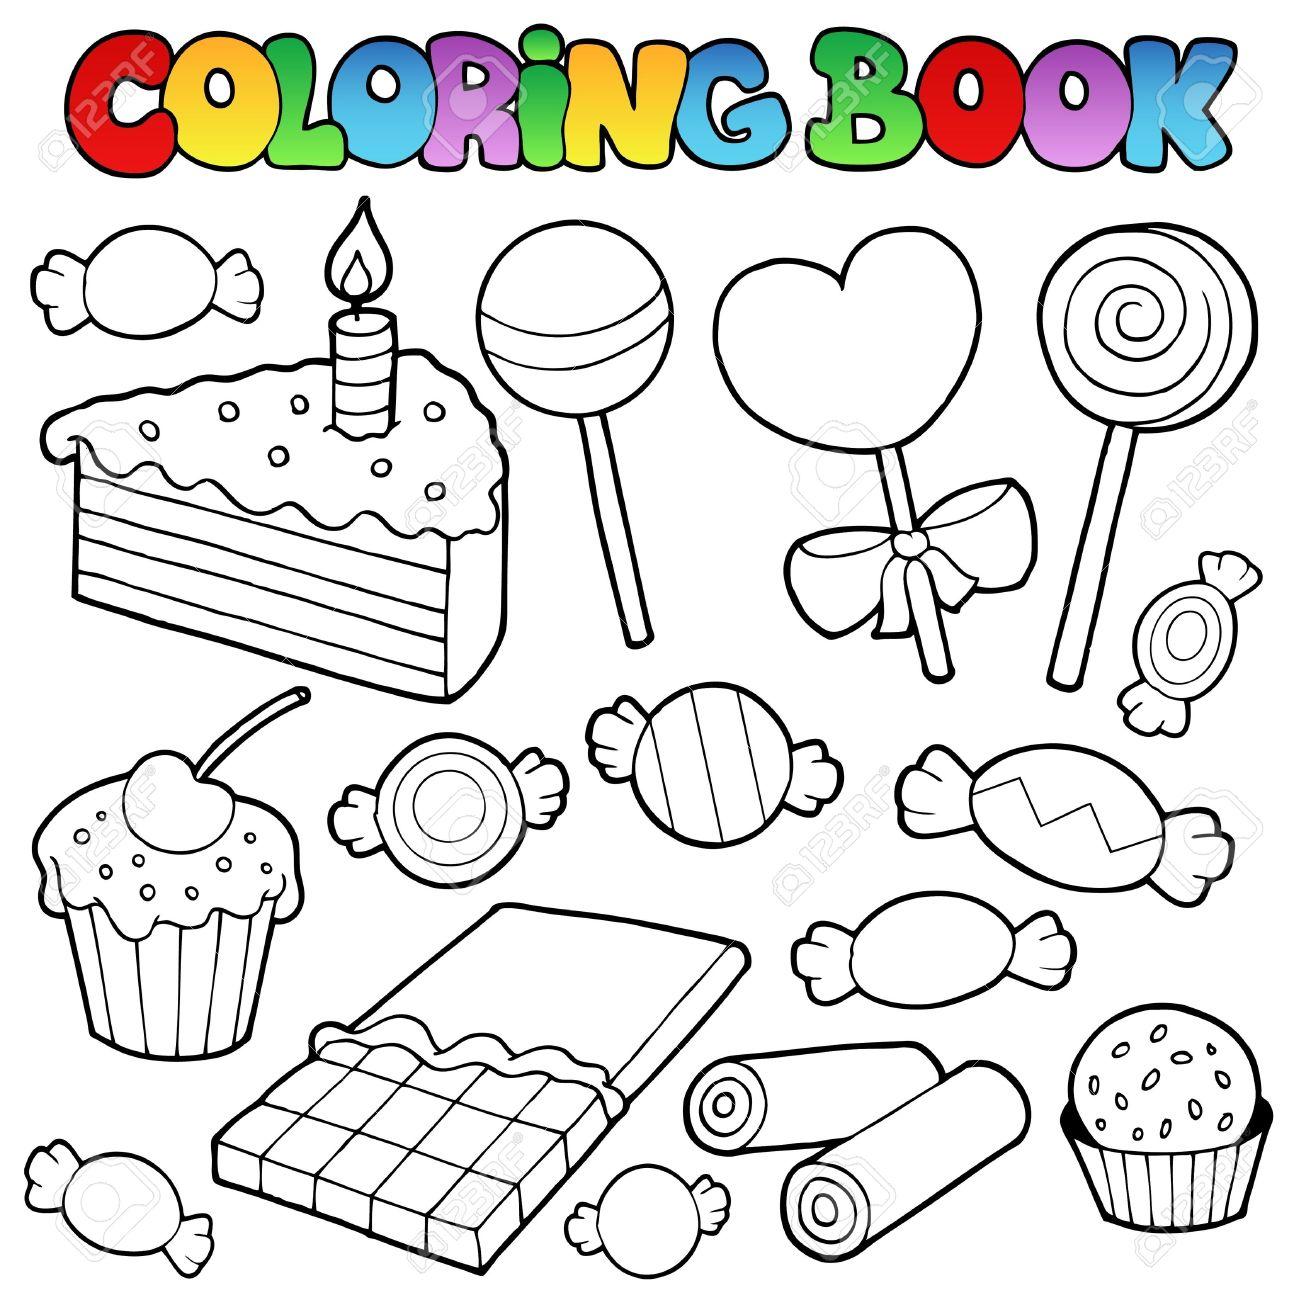 Coloriage Gateau Bonbon.Coloriage De Bonbons Livre Et L Illustration Des Gateaux Clip Art